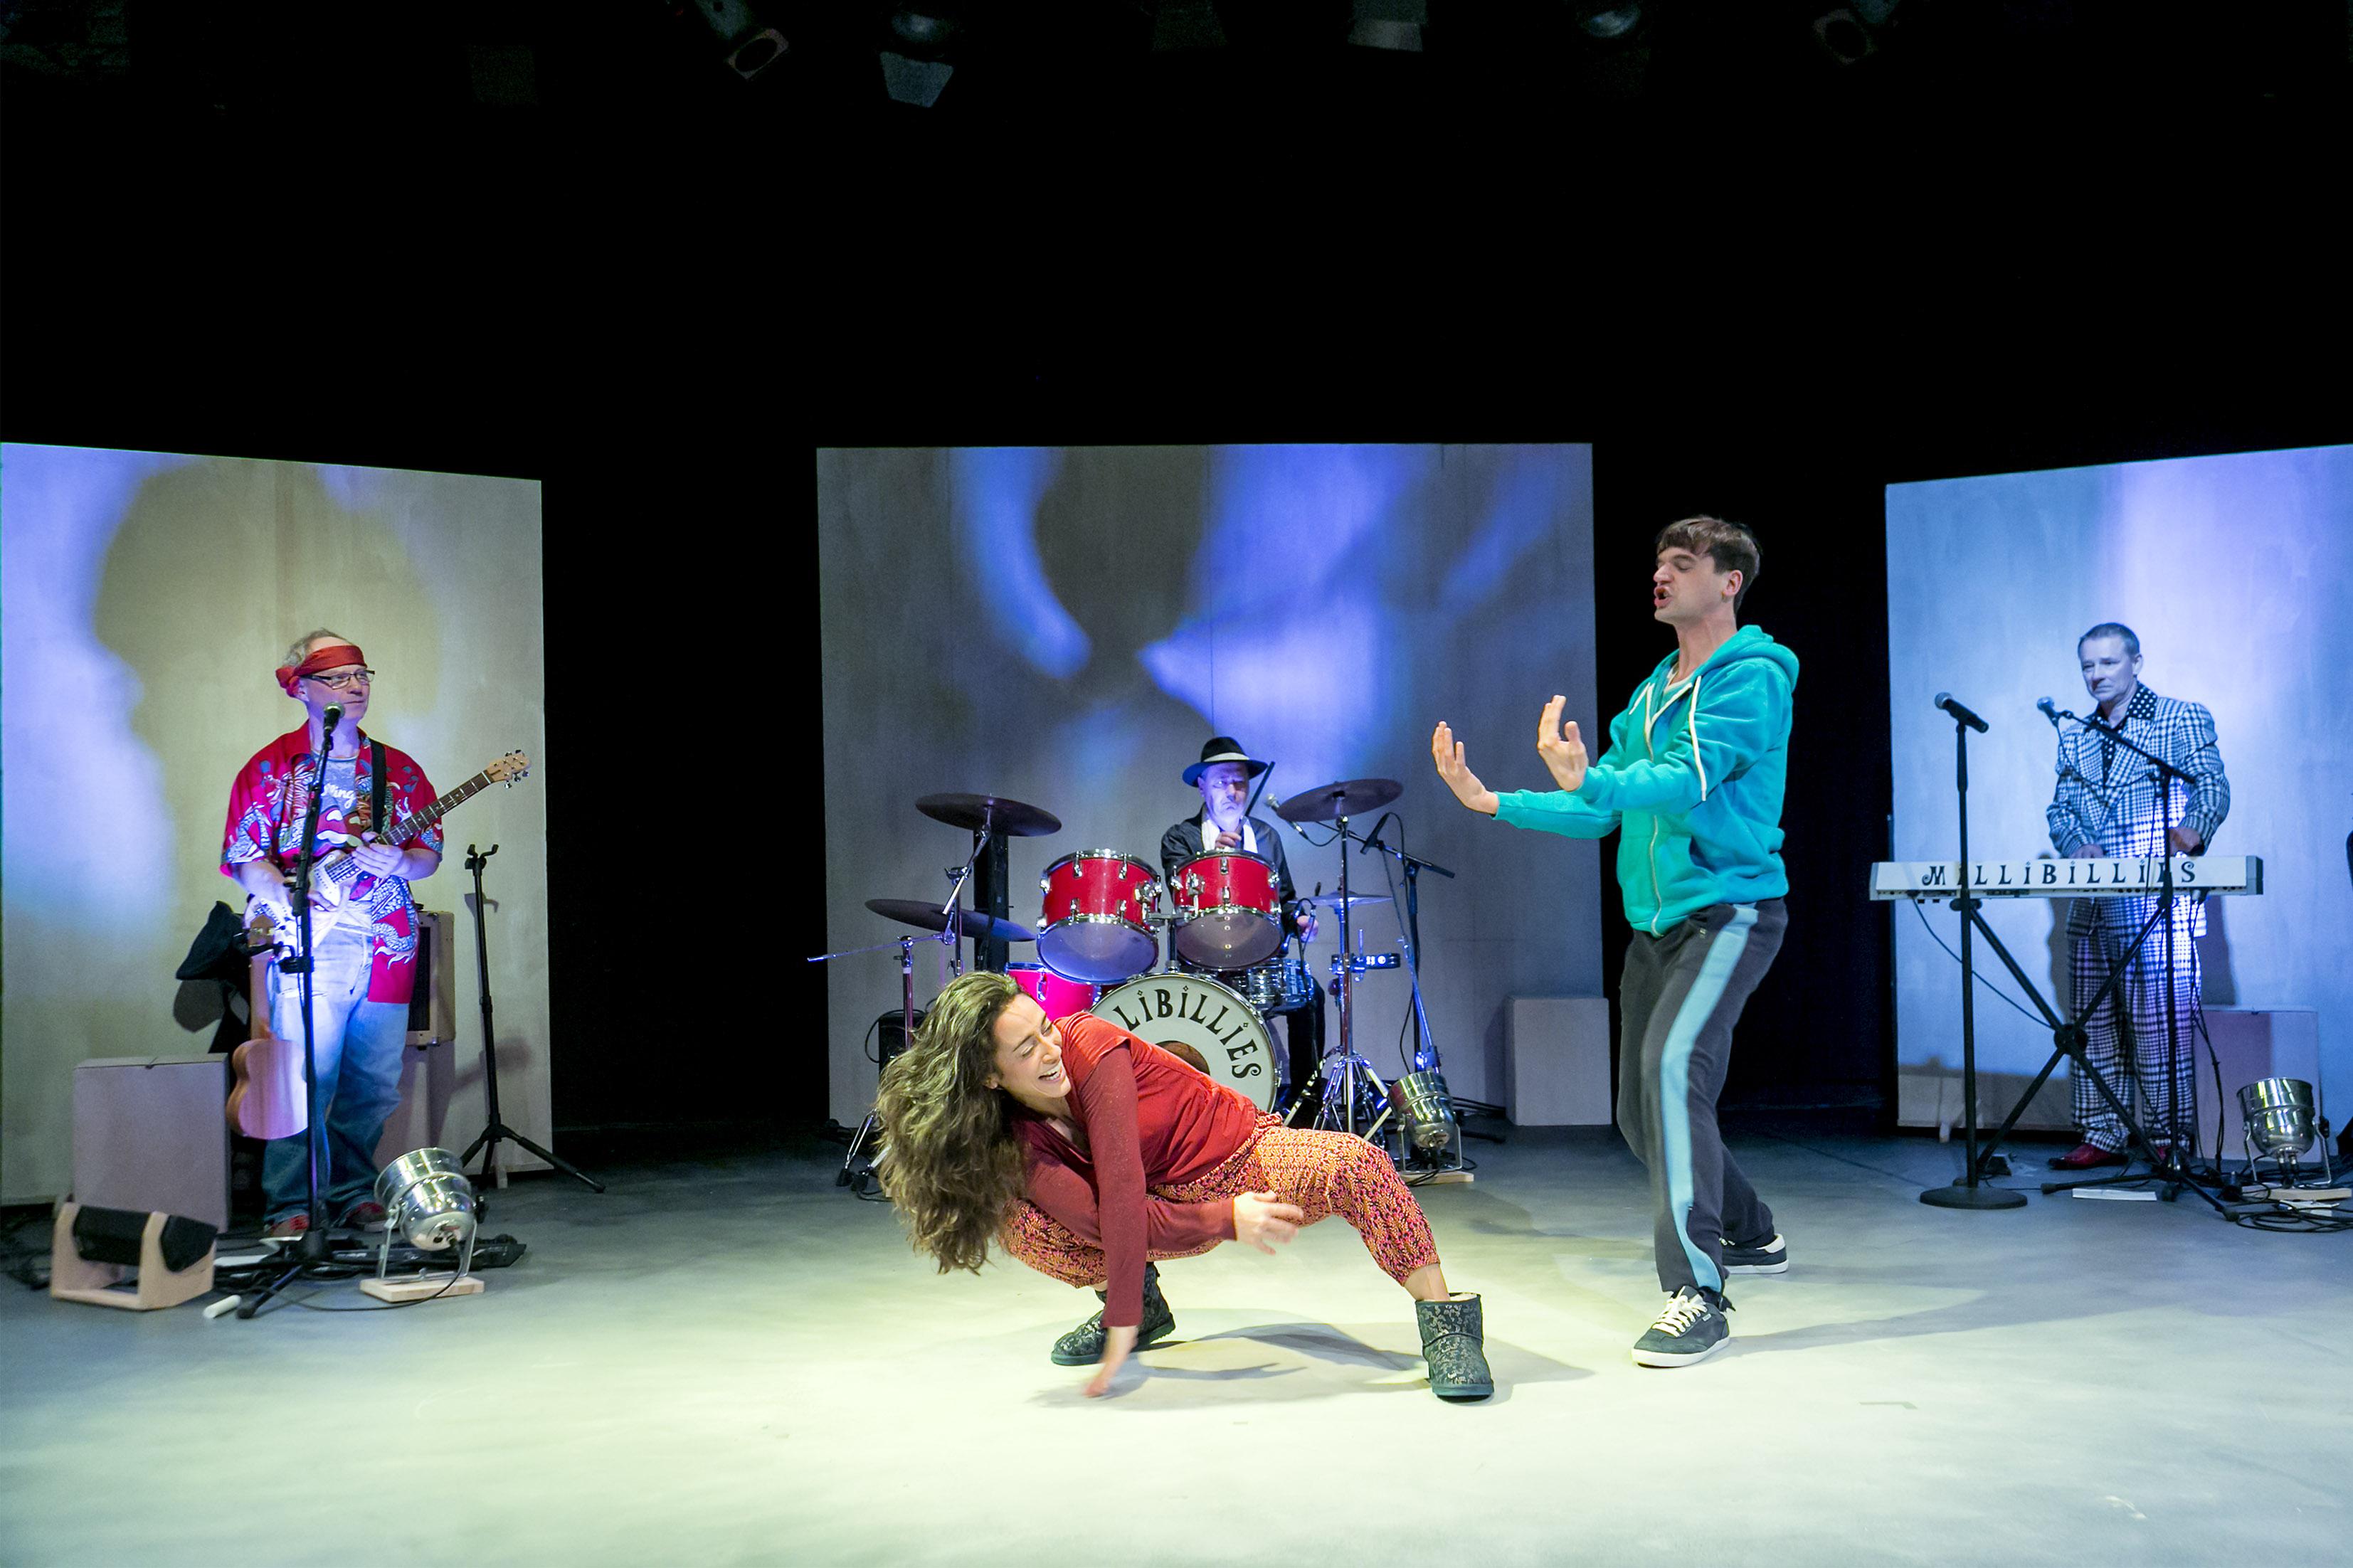 Die Millibillies rocken die Bühne:  Nina Reithmeier und Jens Mondalski (vorne),  Thomas Ahrens, George Kranz und Robert Neumann (hinten) – Foto: David Baltzer / bildbuehne.de